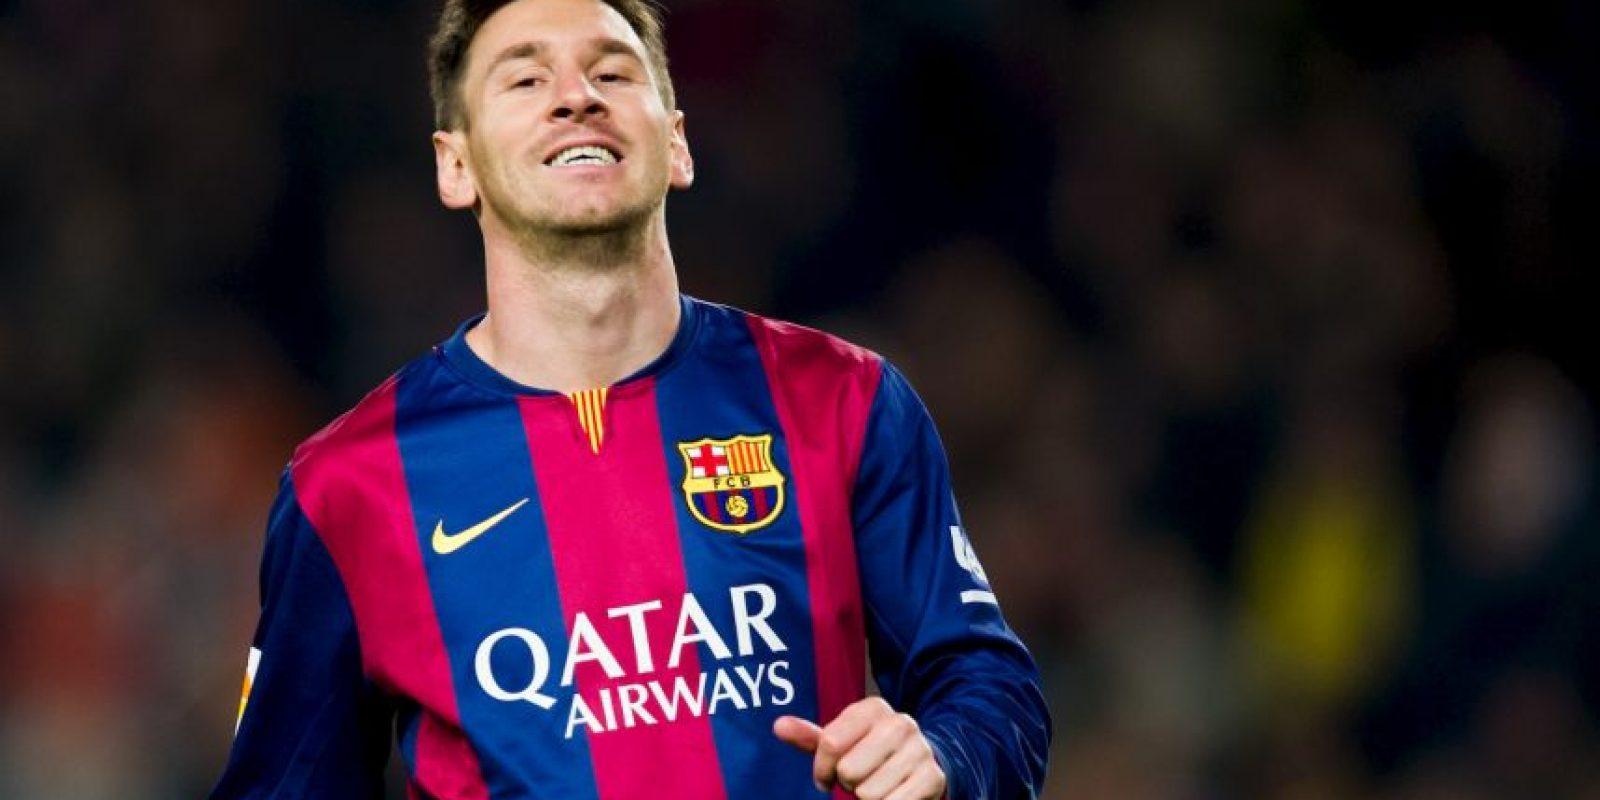 Fue el segundo futbolista que más dinero se embolsó, solo detrás de Cristiano Ronaldo Foto:Getty